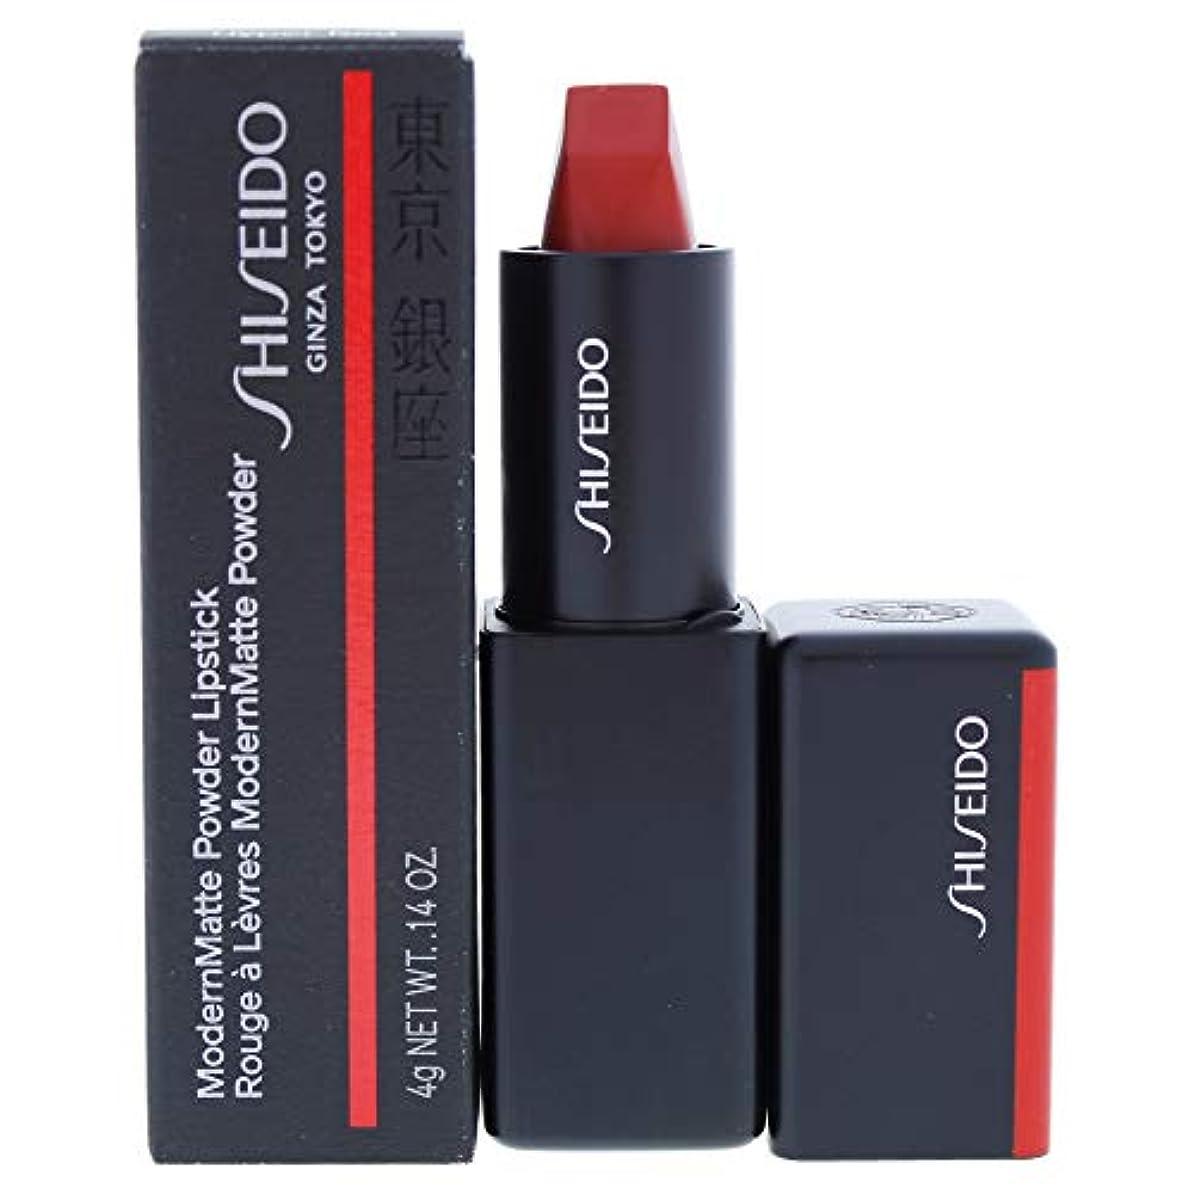 争い永遠に五月資生堂 ModernMatte Powder Lipstick - # 514 Hyper Red (True Red) 4g/0.14oz並行輸入品